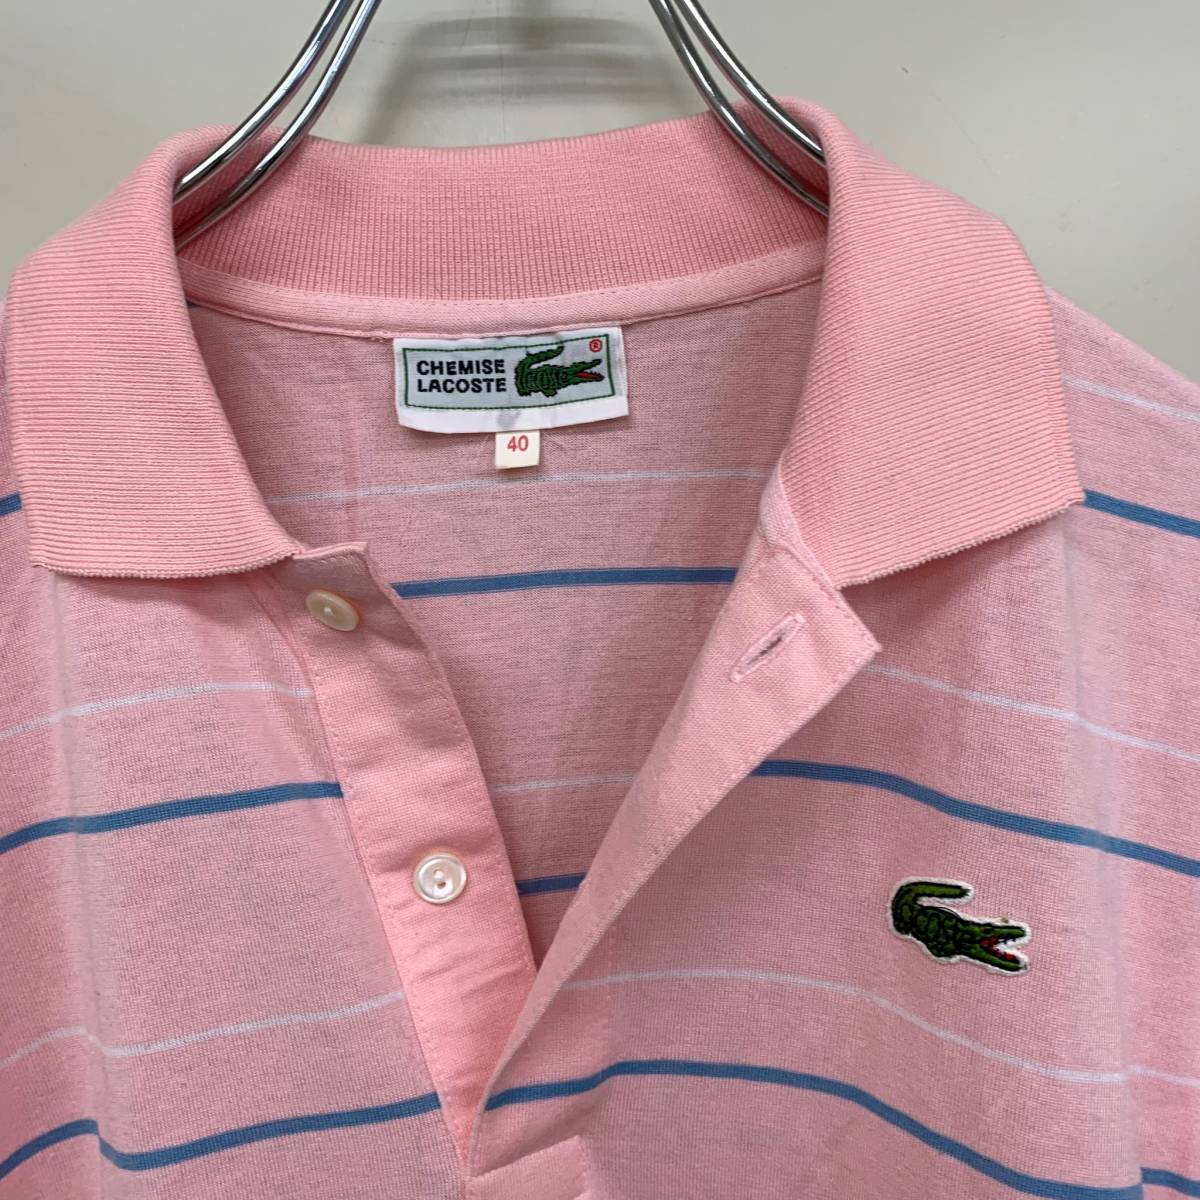 ラコステ 半袖 ポロシャツ ピンク ボーダー サイズ40